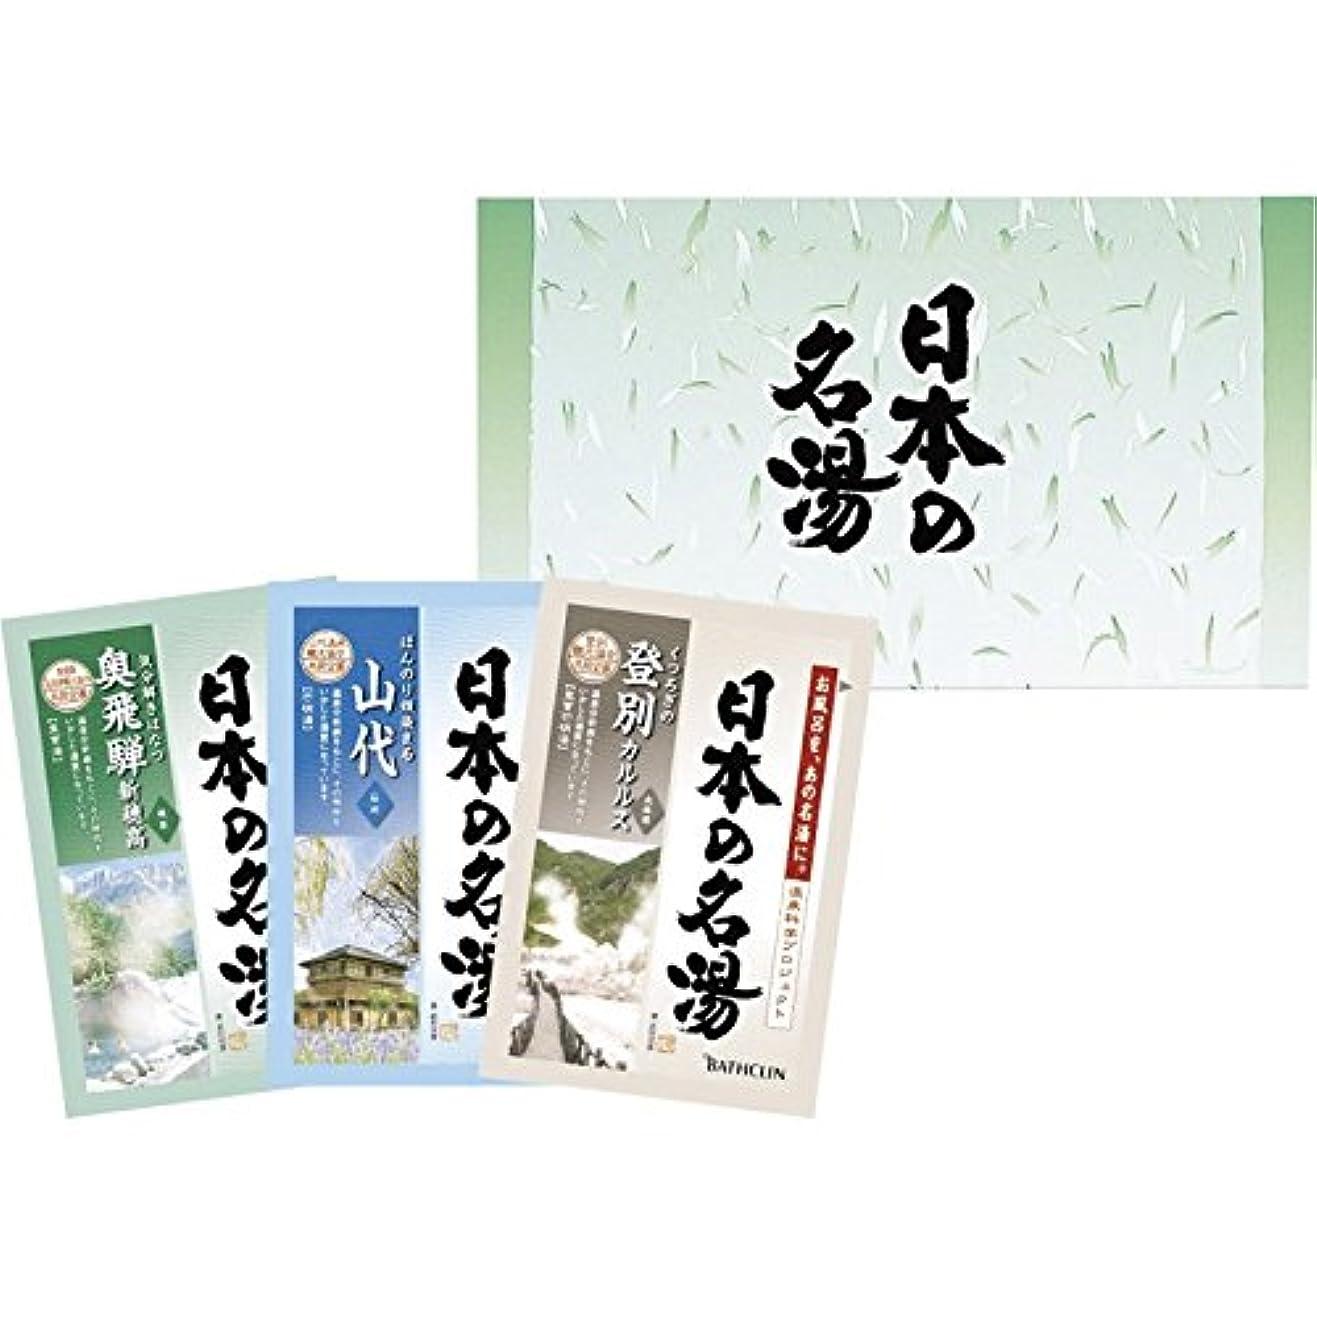 効能ある皮肉な分バスクリン 日本の名湯 3包セット 【ギフトセット あたたまる あったまる ぽかぽか つめあわせ 詰め合わせ アソート バス用品 お風呂用品 300】